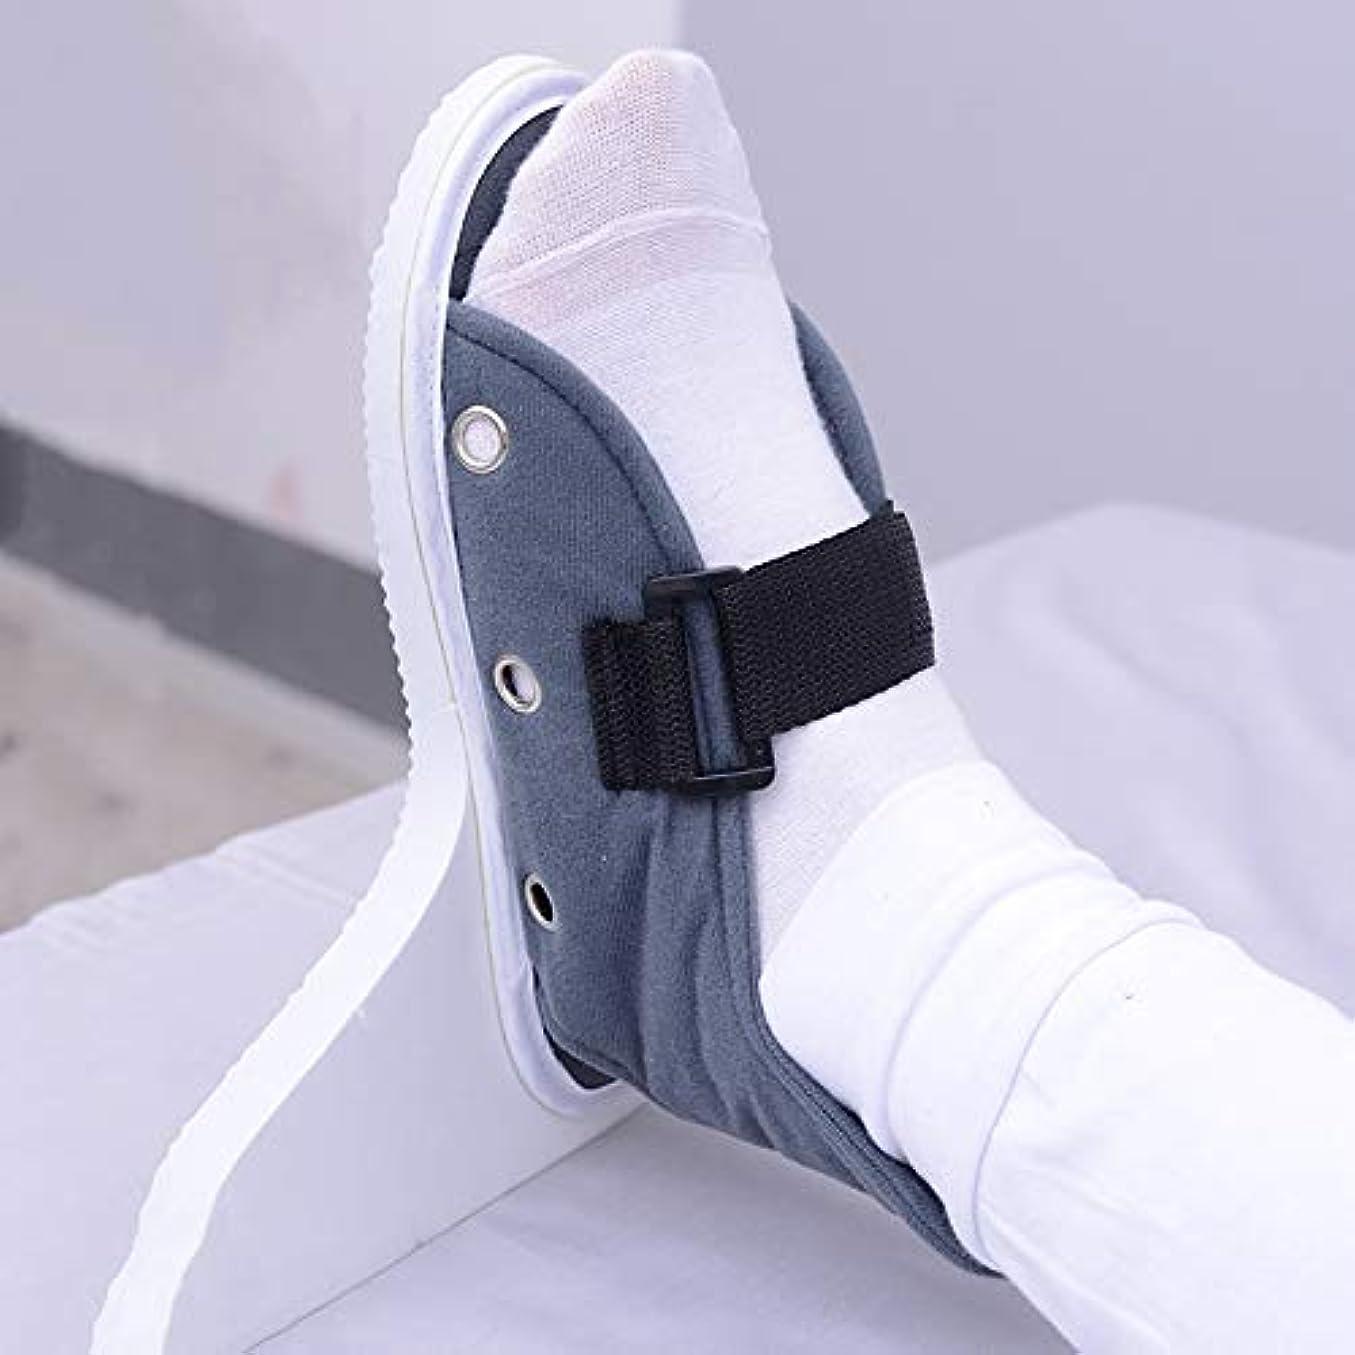 原因北自分の1ペア病院固定ブレースヒールプロテクター足の垂れ防止用 - 足首滑り止め固定具アンチスピンシューズ高齢者用